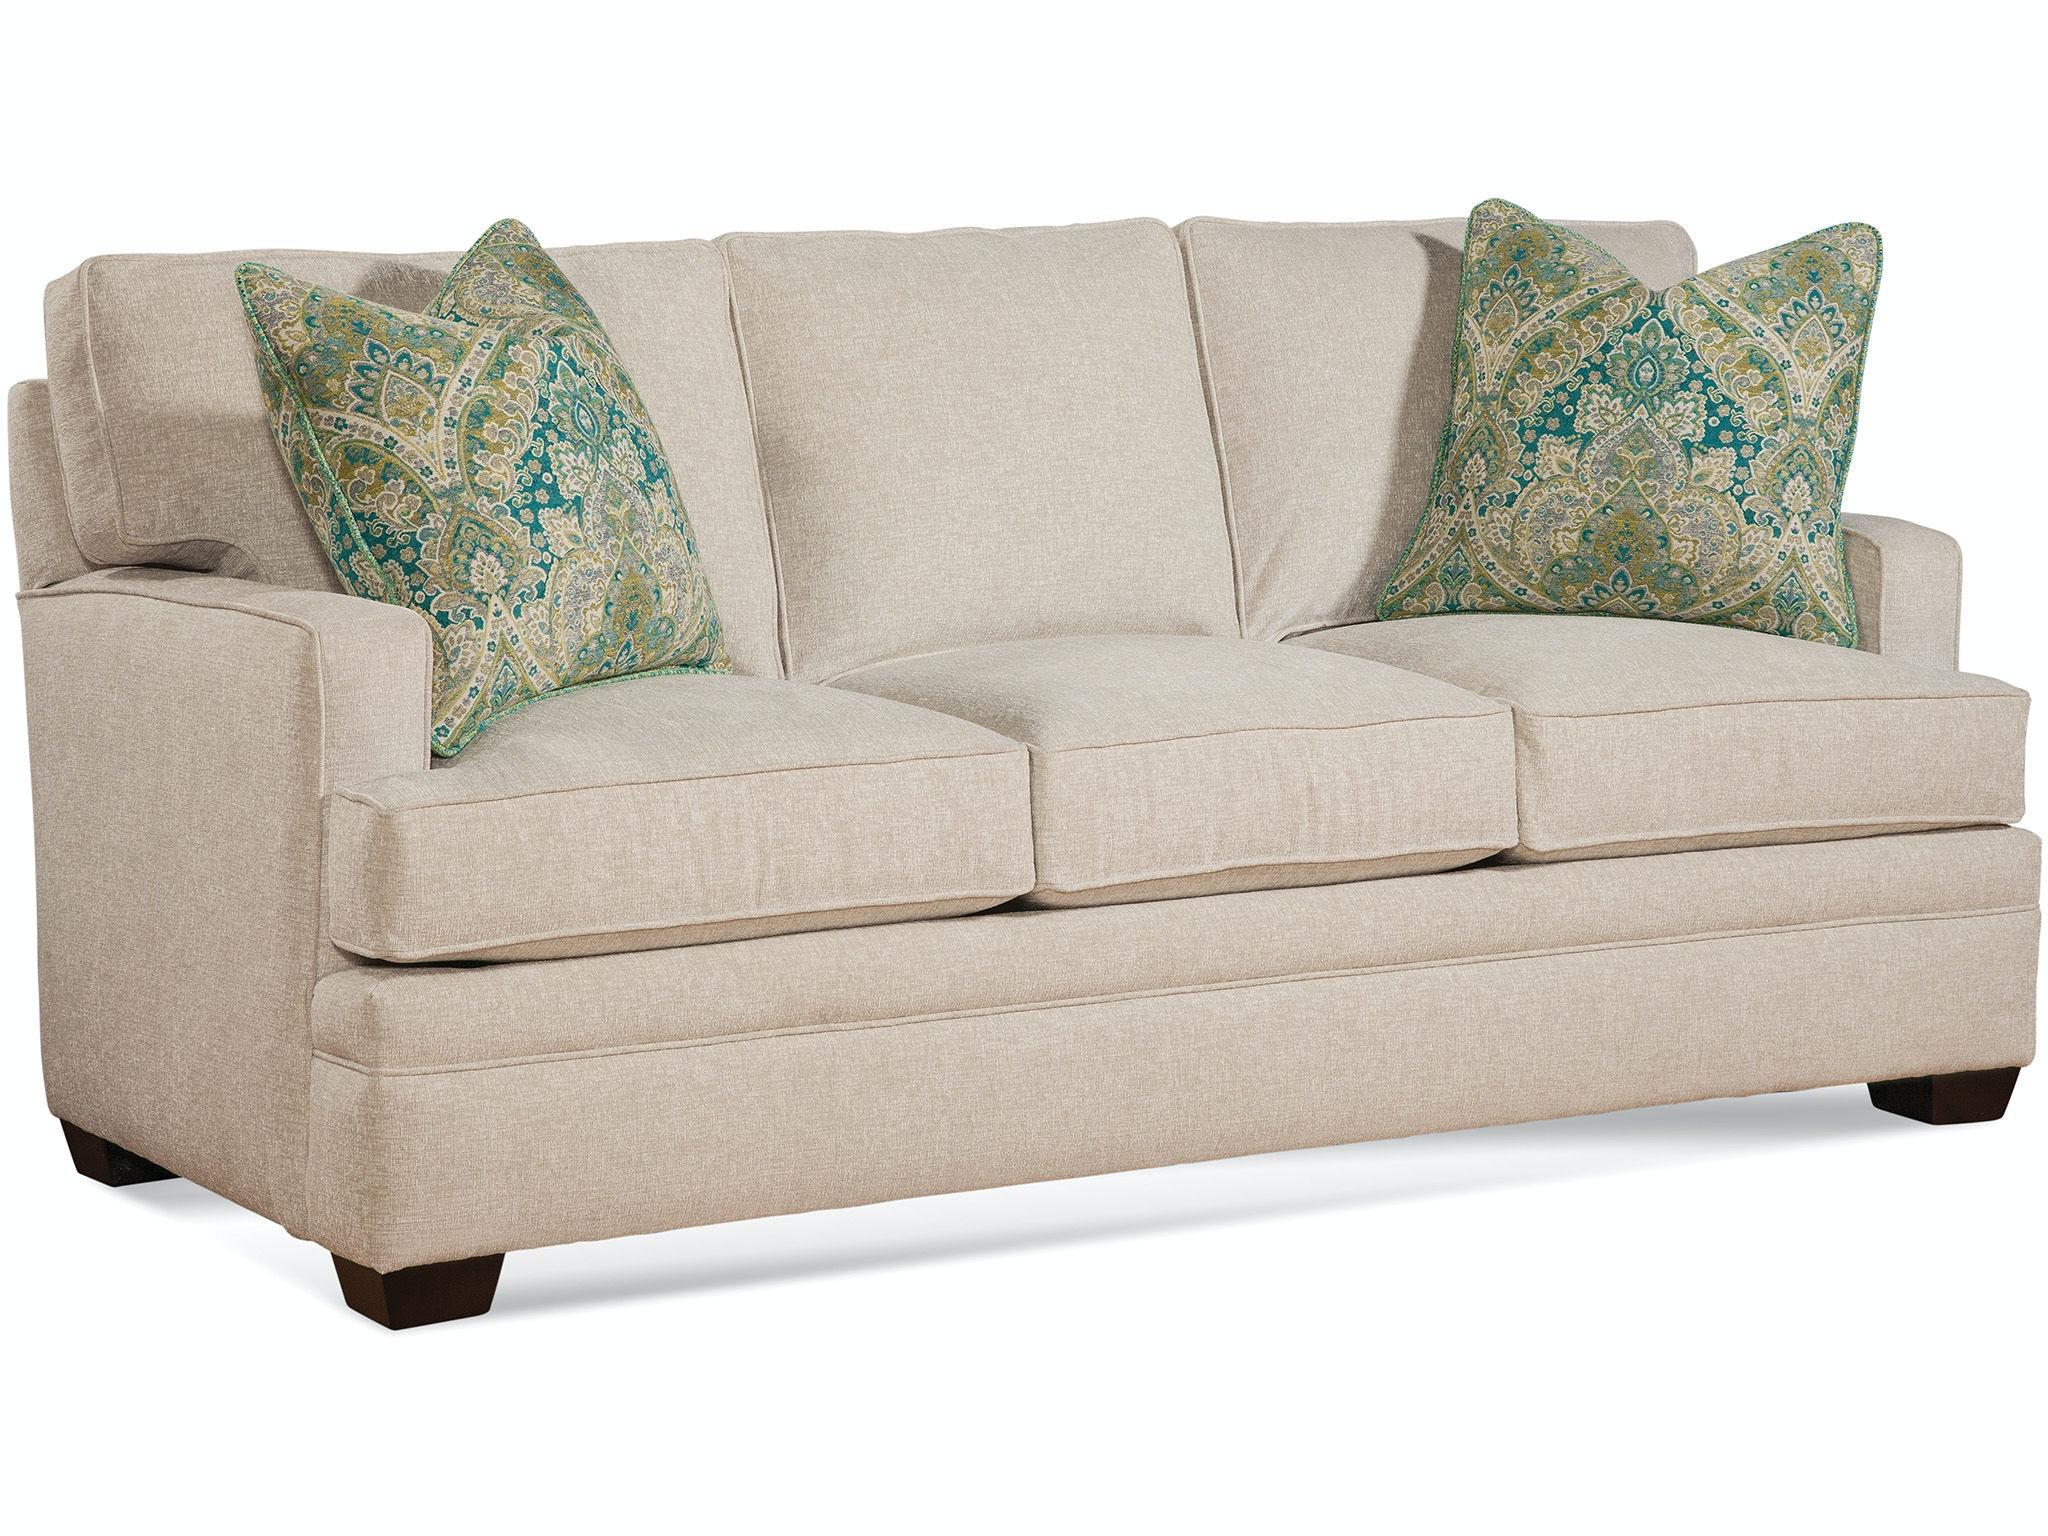 Braxton Culler Three Cushion Sofa 6312 011